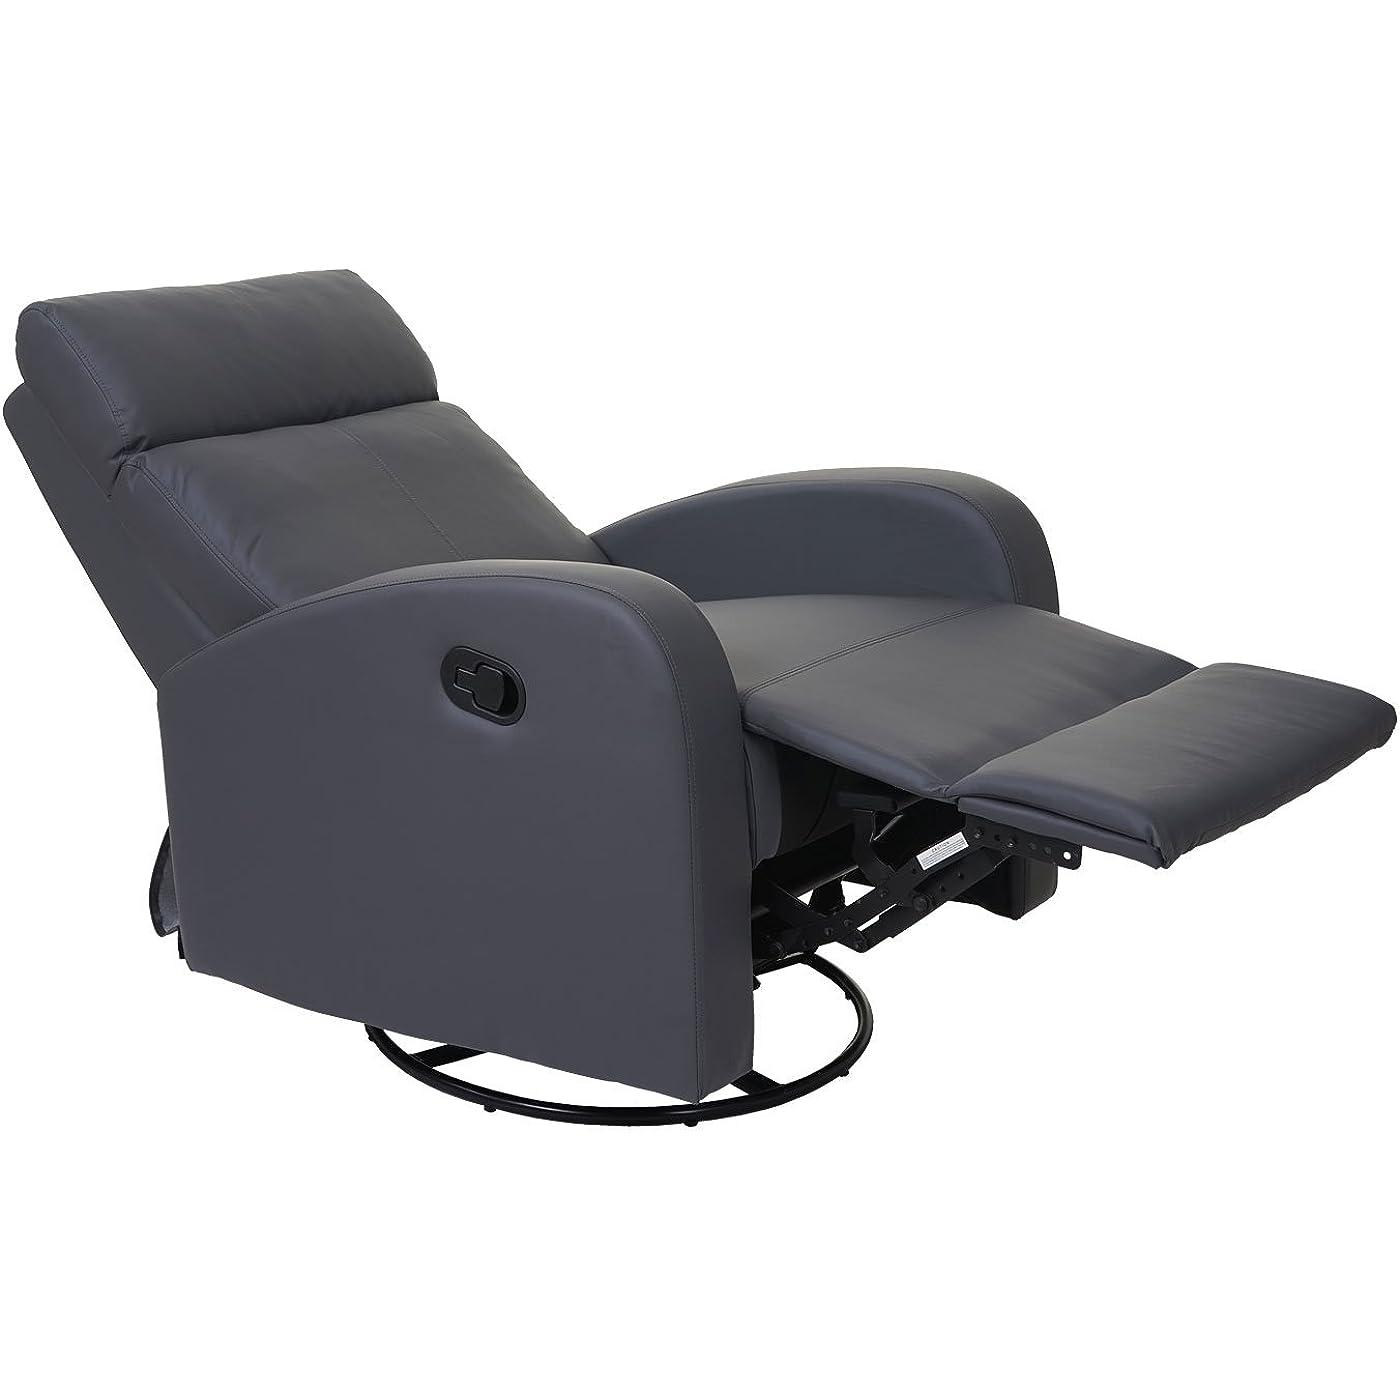 Relaxsessel gibt es in ganz unterschiedlichen Farben und Designs.